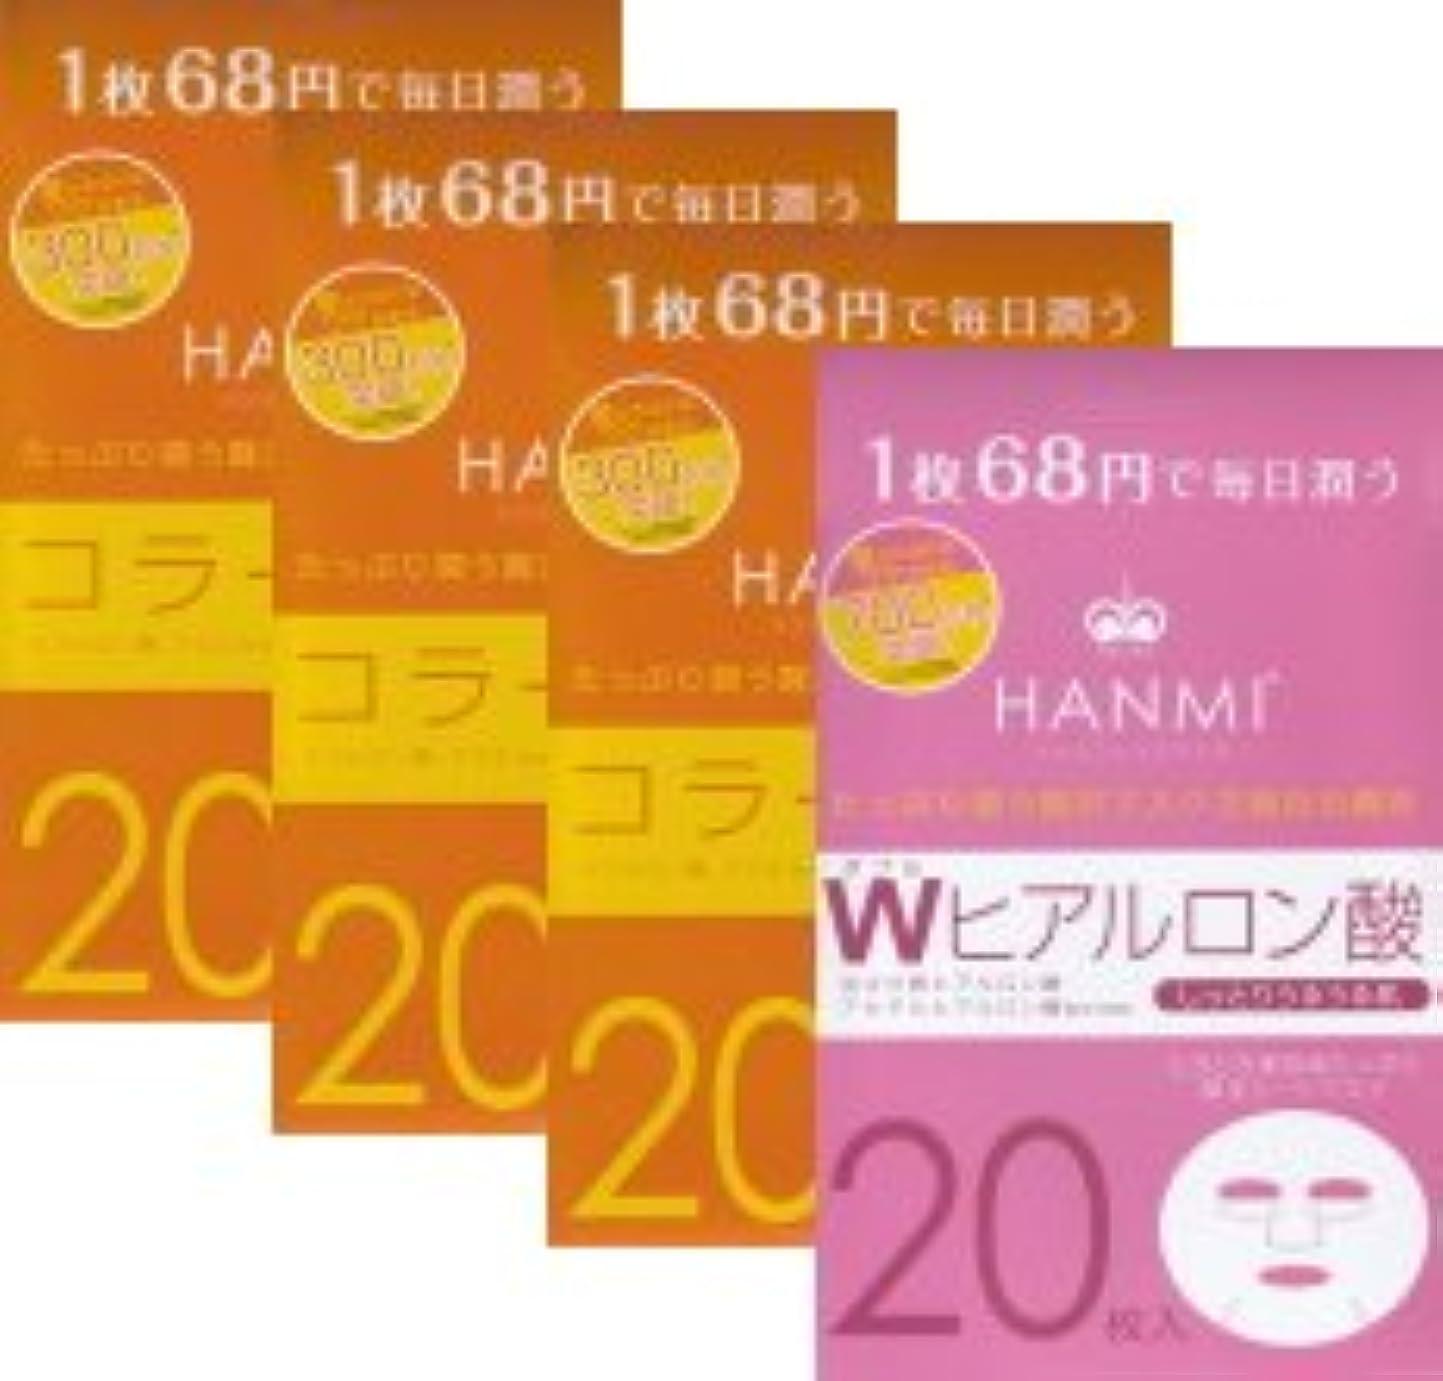 鉄道言い訳三角MIGAKI ハンミフェイスマスク(20枚入り)「コラーゲン×3個」「Wヒアルロン酸×1個」の4個セット